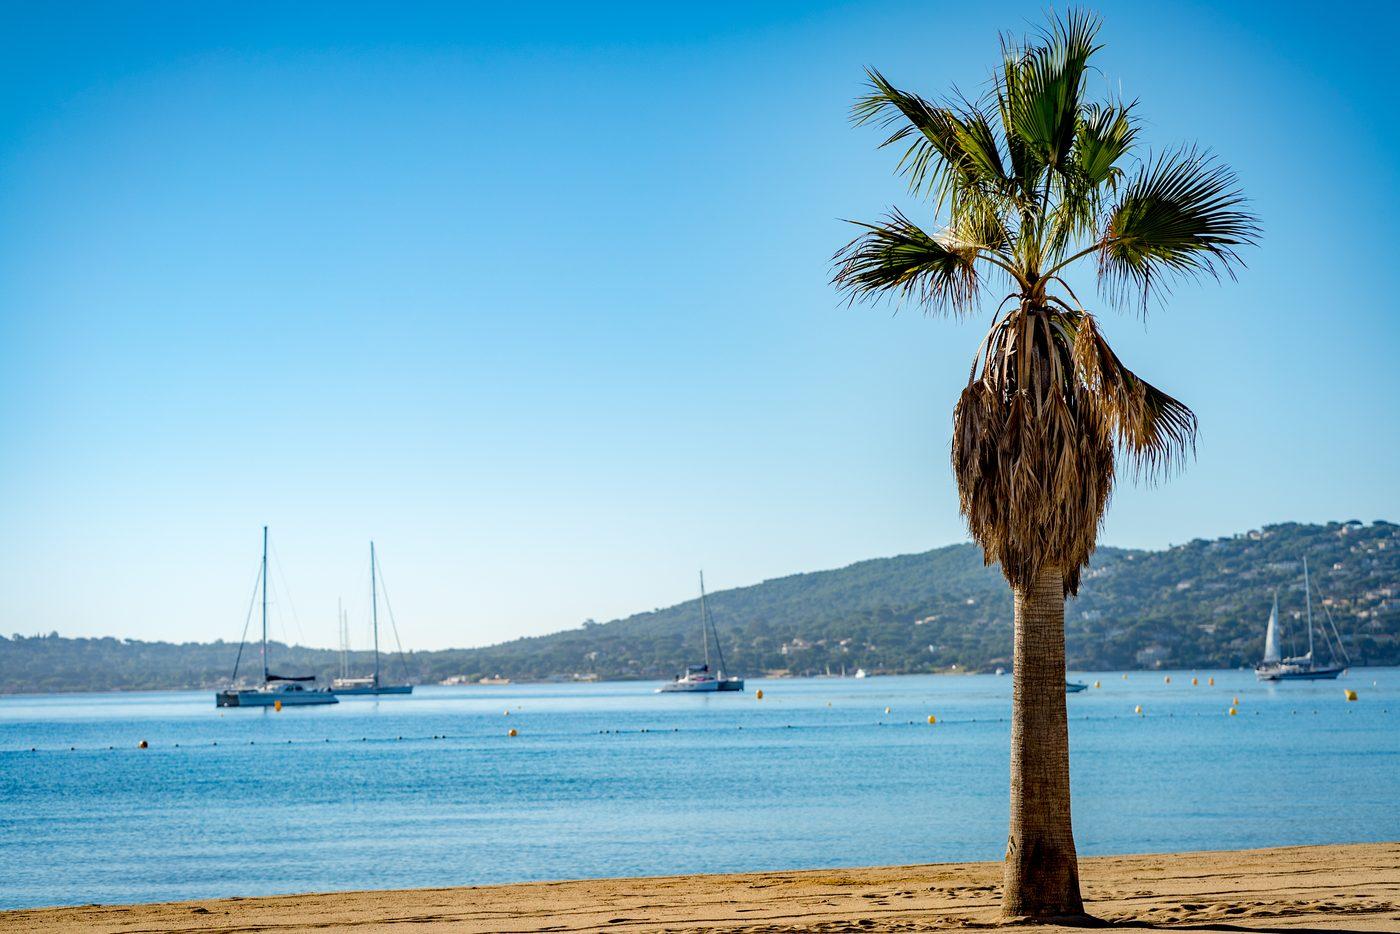 Photo Tour of St Tropez 2